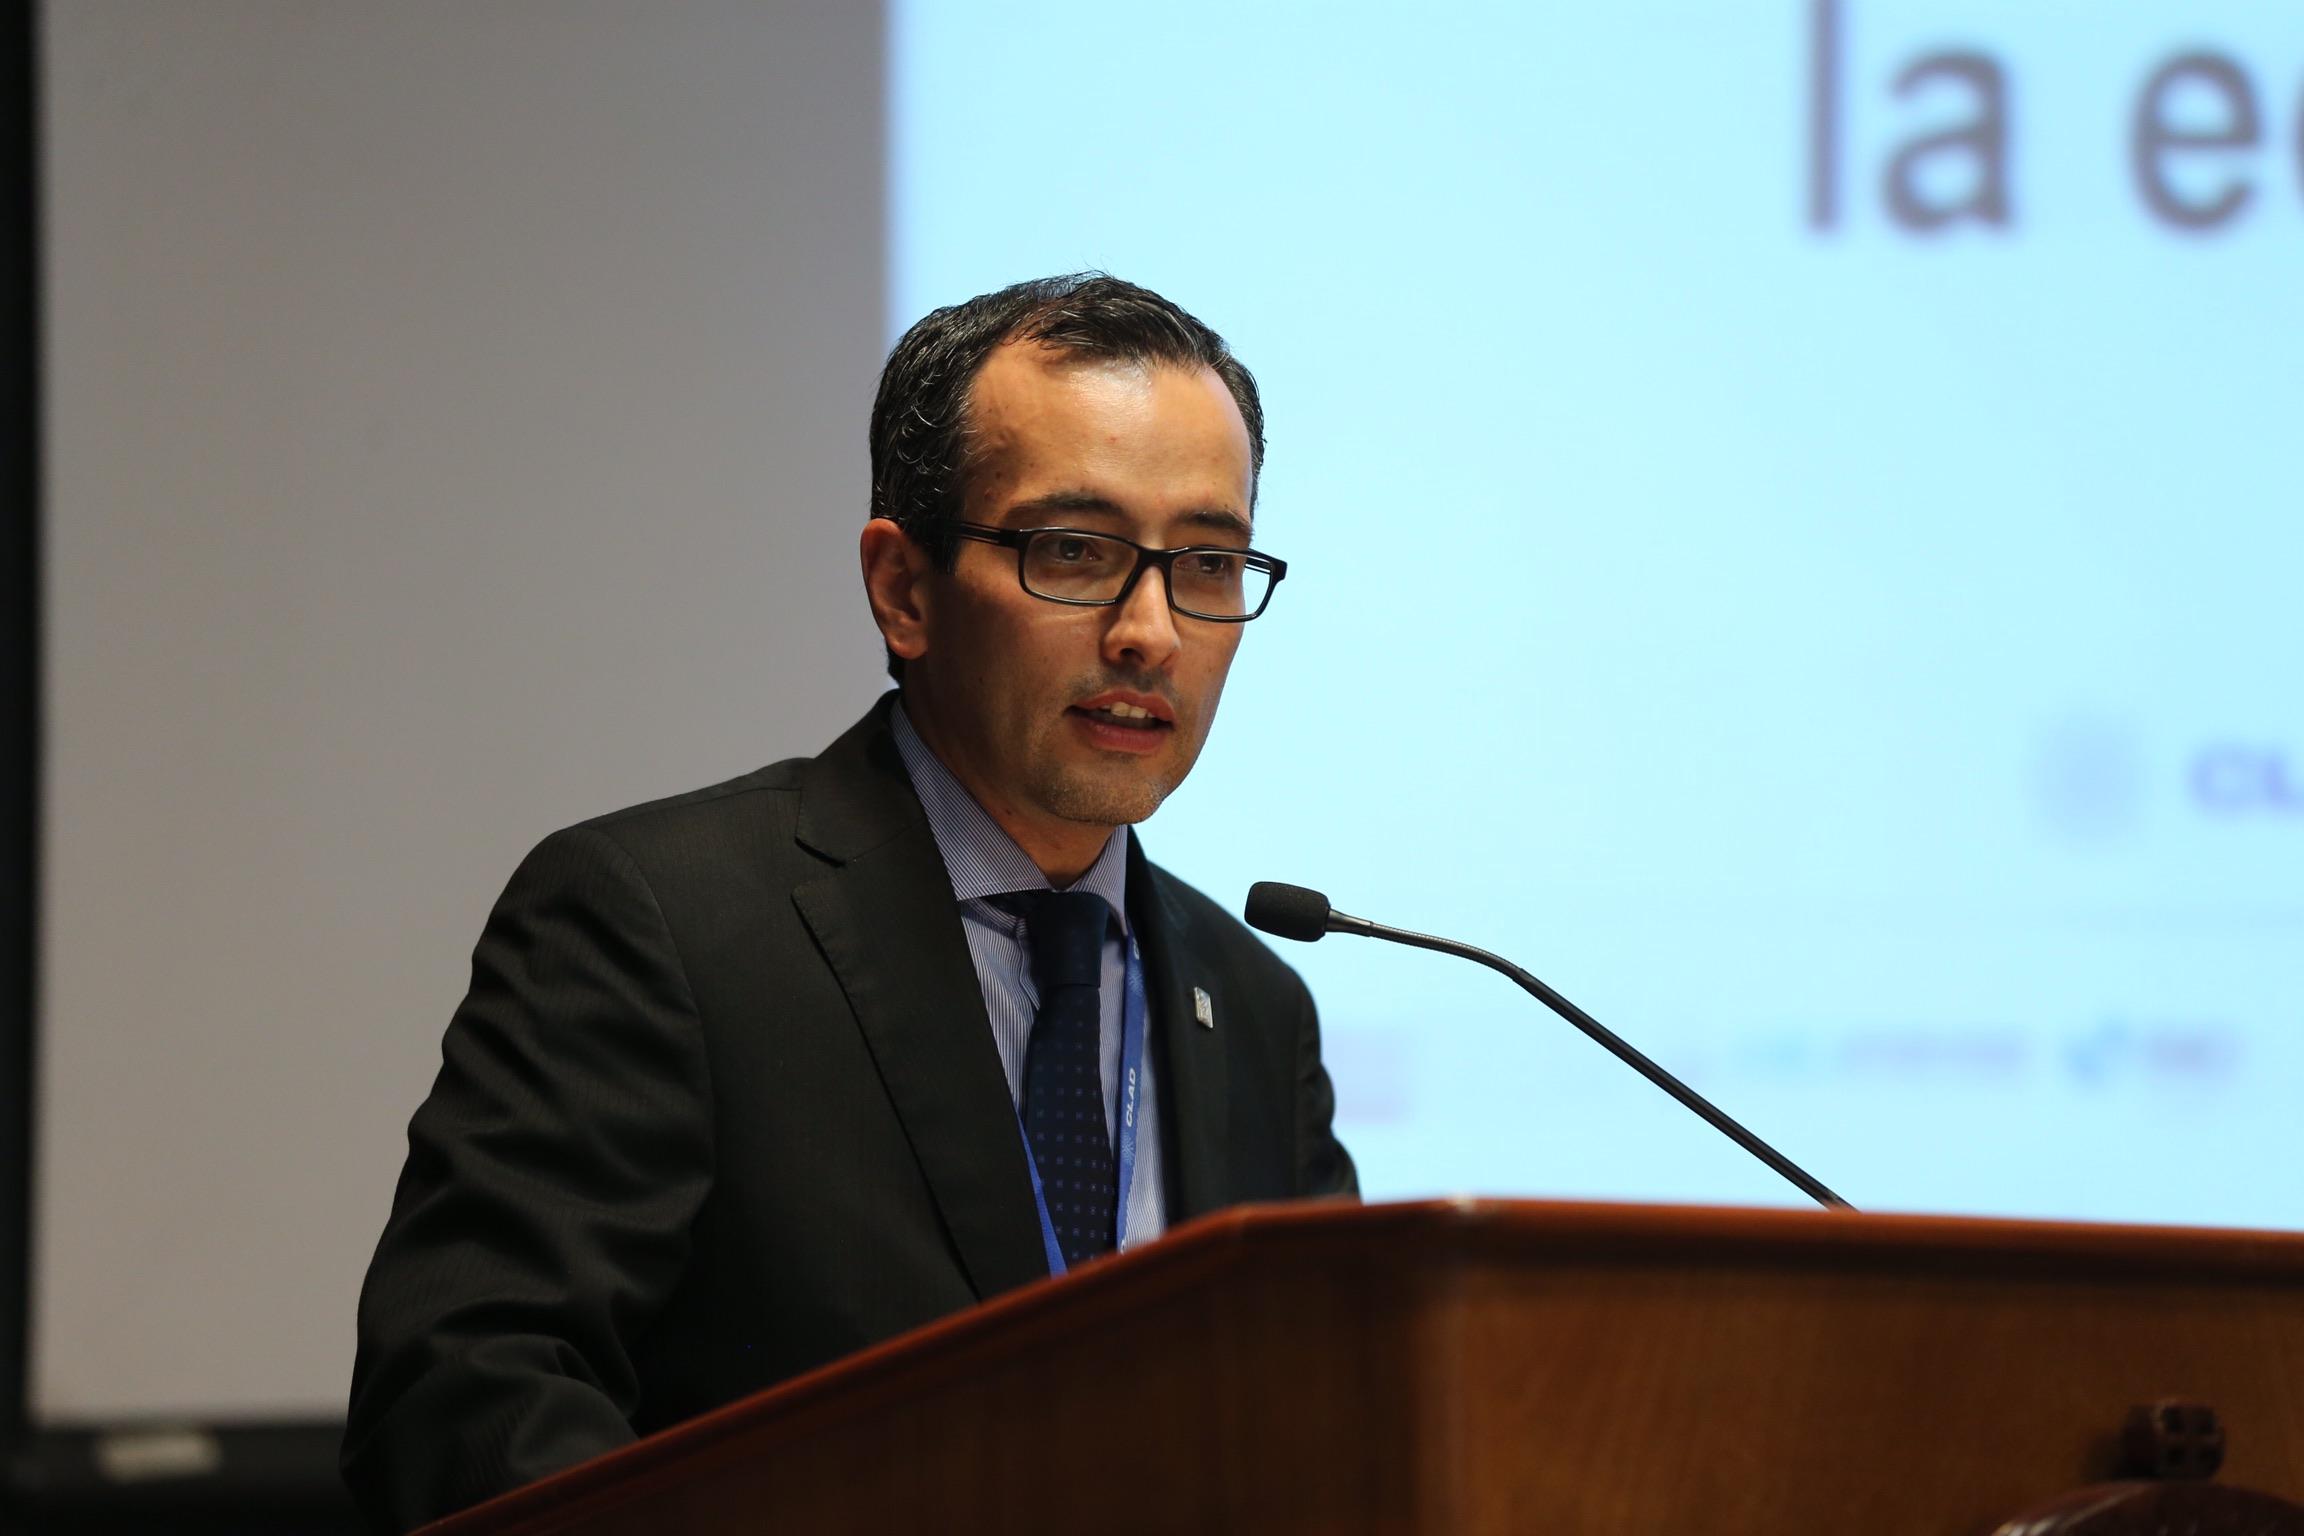 Coordinador General de Cooperación e Internacionalización (CGTI), de la Universidad de Guadalajara (UdeG), doctor Carlos Iván Moreno, haciendo uso de la palabra